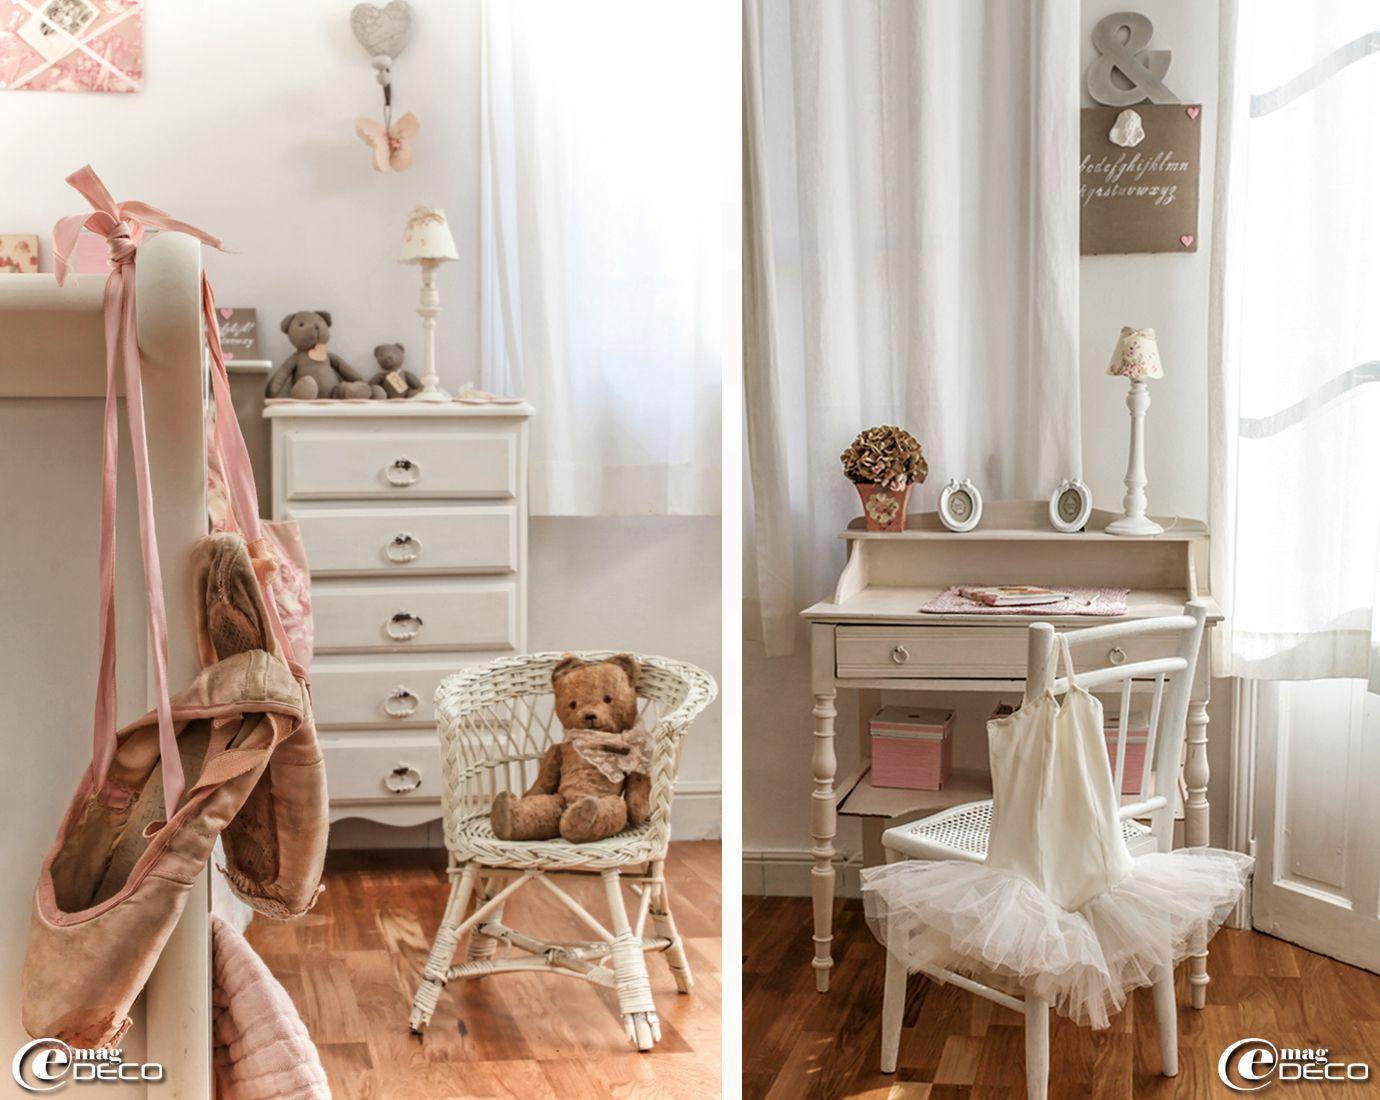 vieille paire de pointes 39 repetto 39 accroch e au pied d 39 un. Black Bedroom Furniture Sets. Home Design Ideas